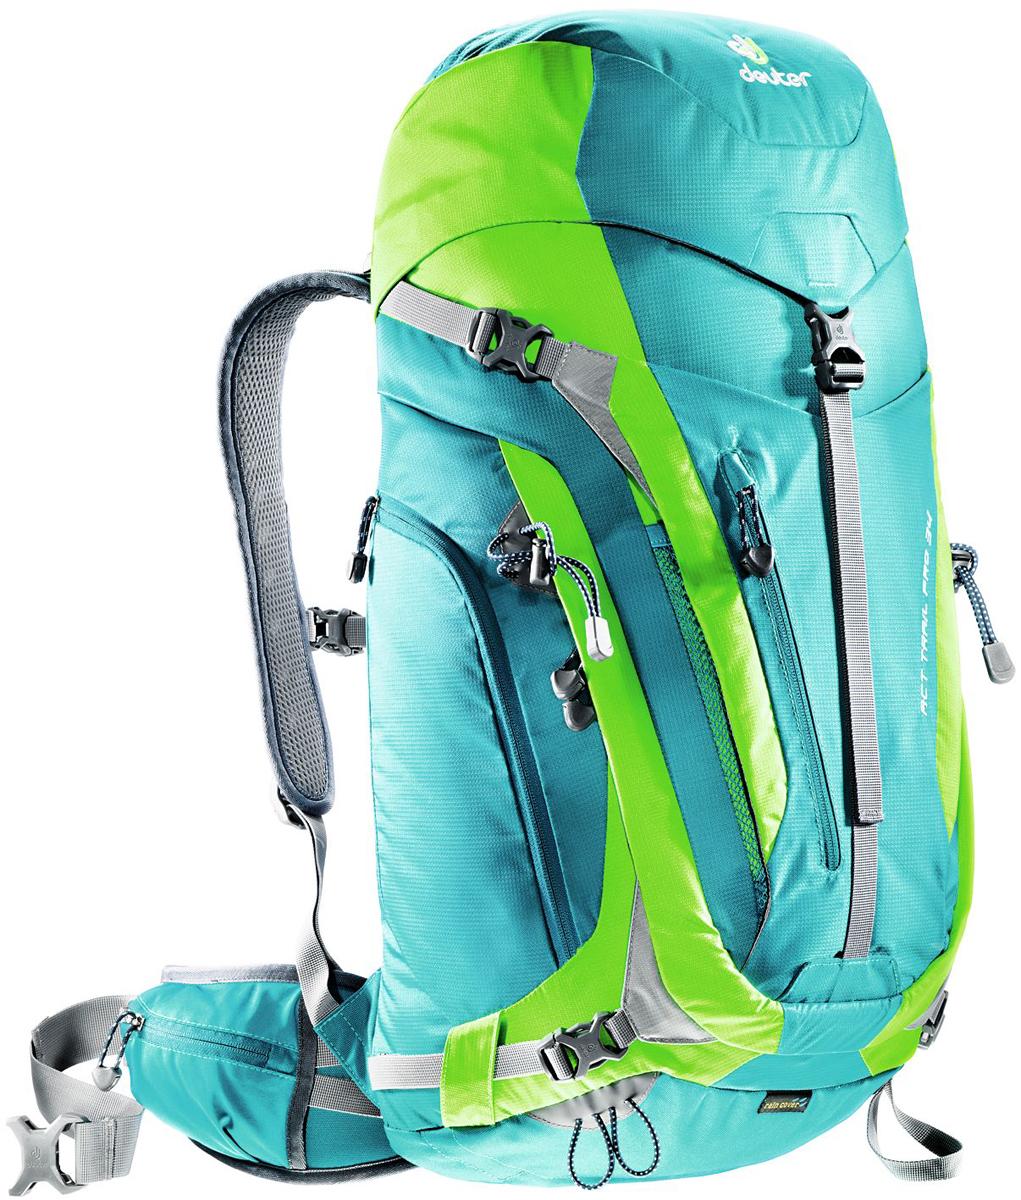 Рюкзак туристический Deuter ACT Trail, цвет: голубой, салатовый, 34 л